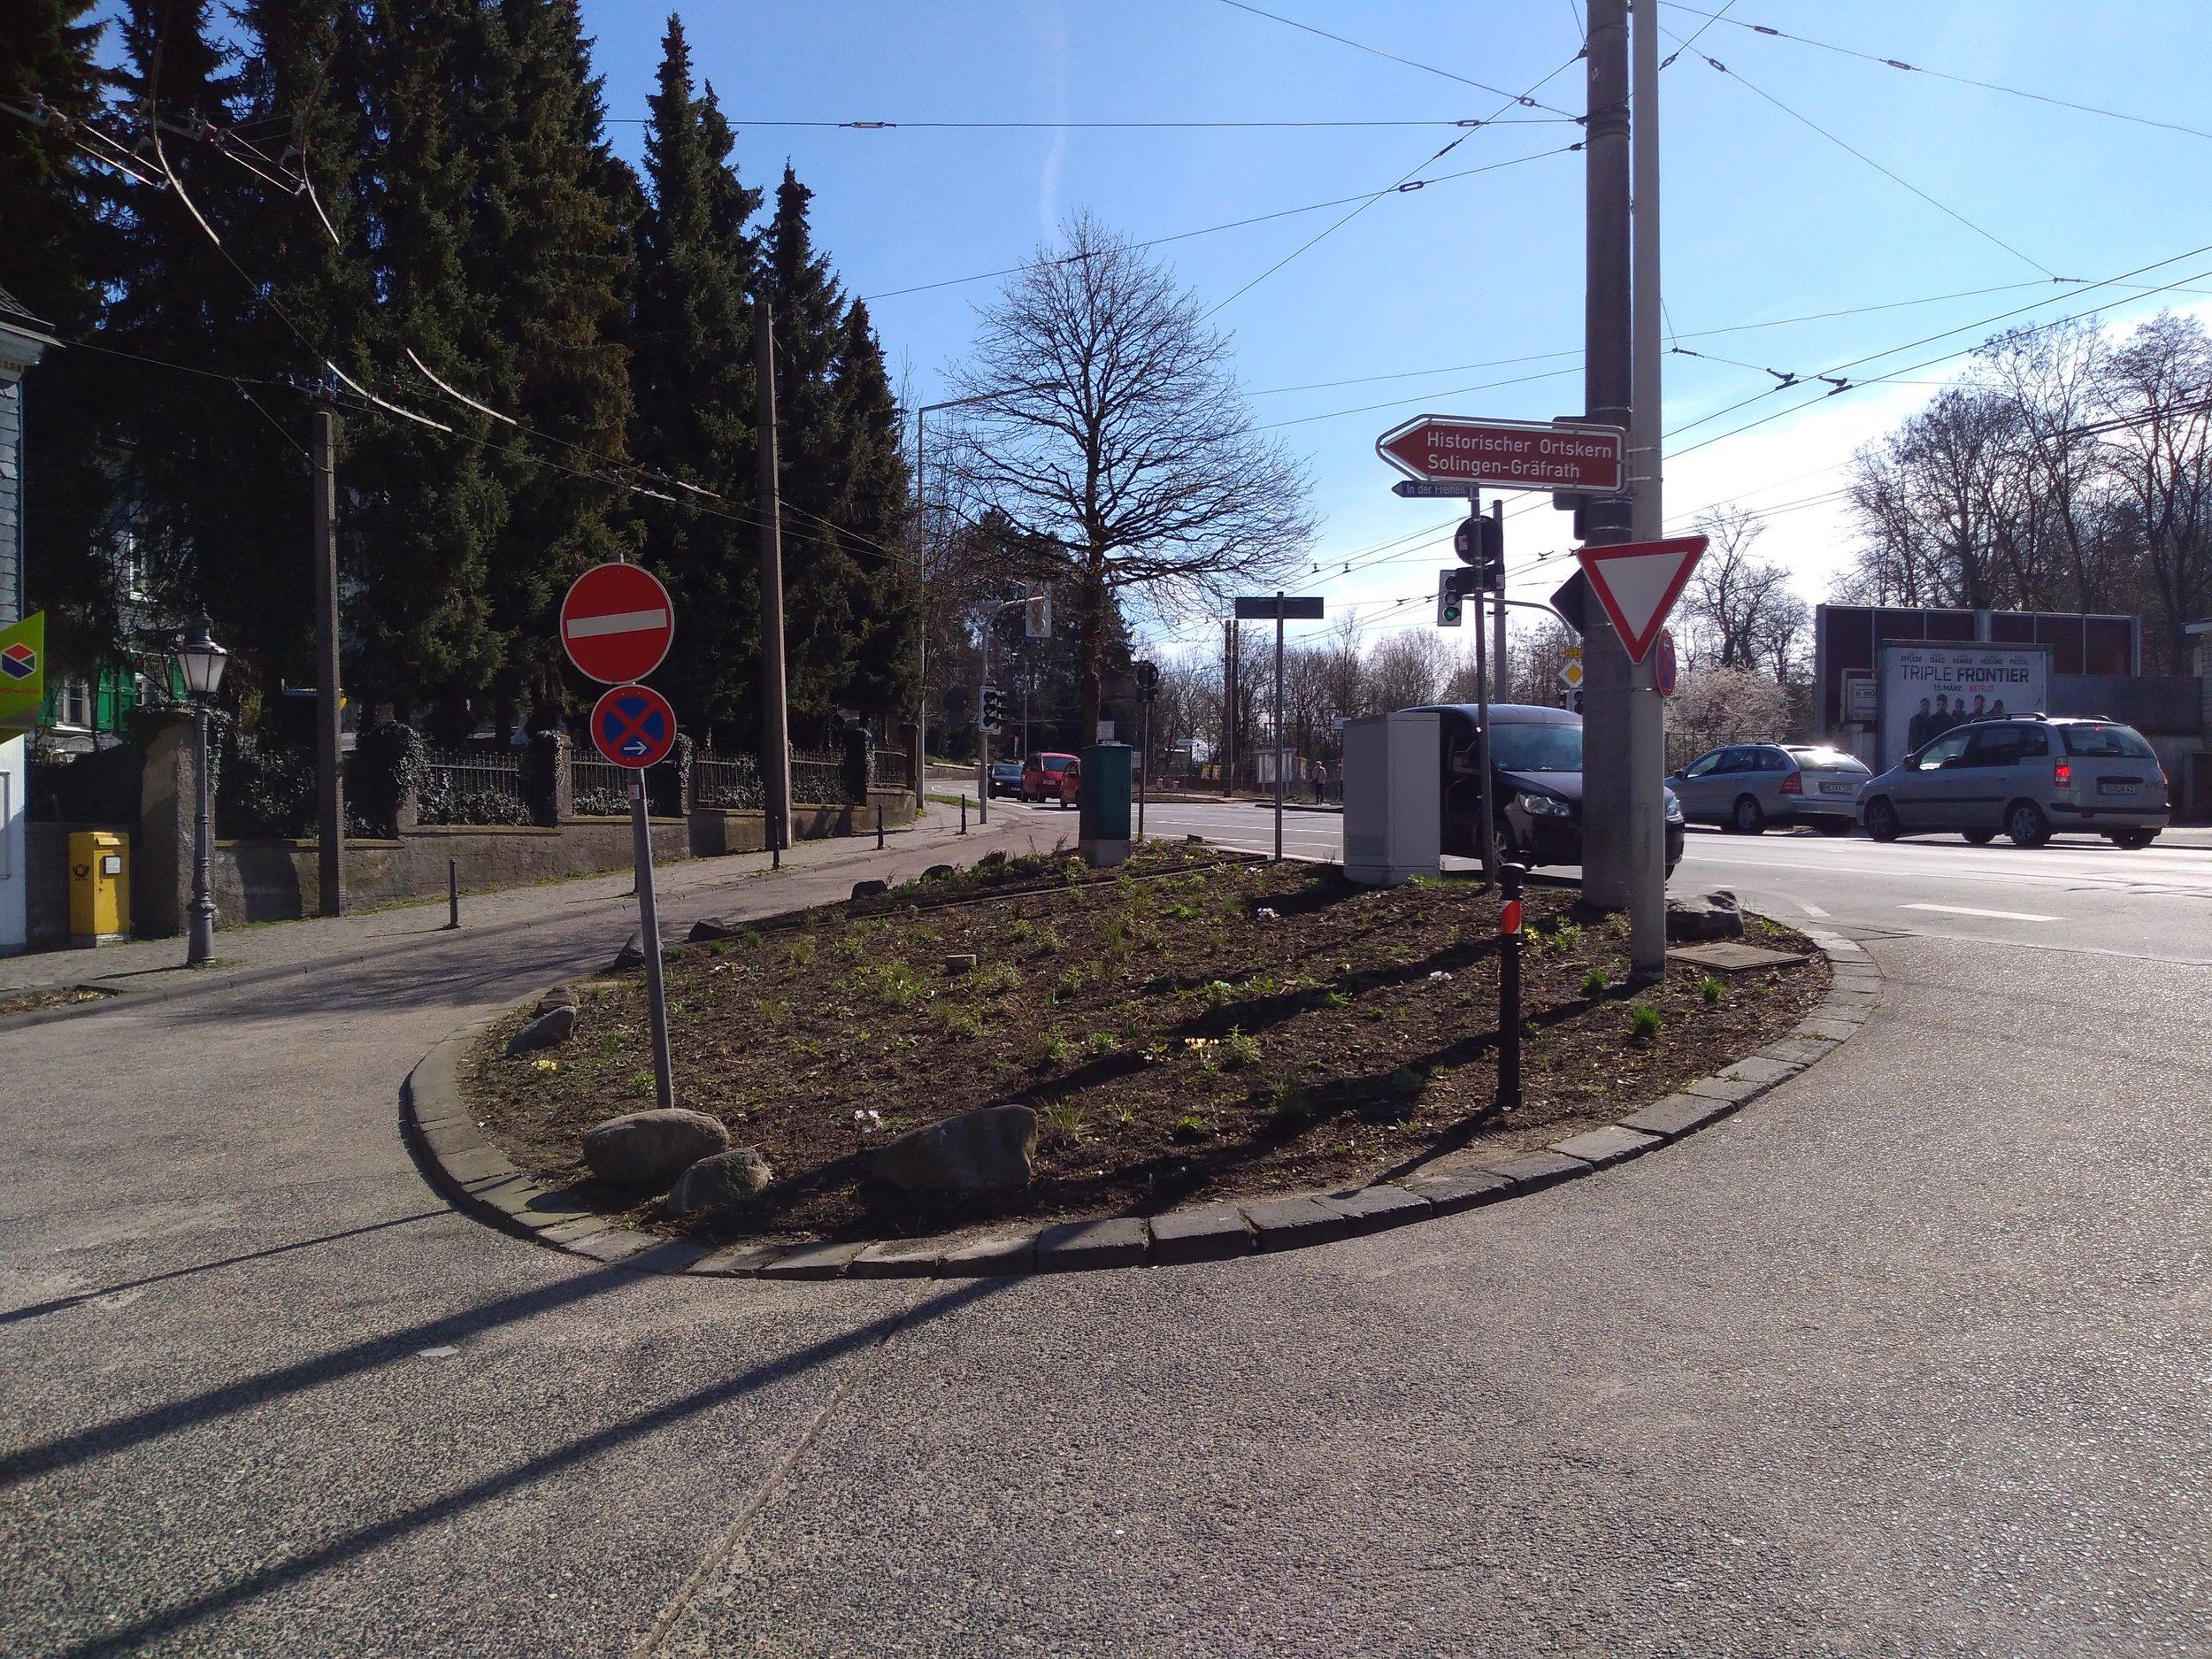 Smyčka Gräfrath, v běžném provozu nevyužívaná.